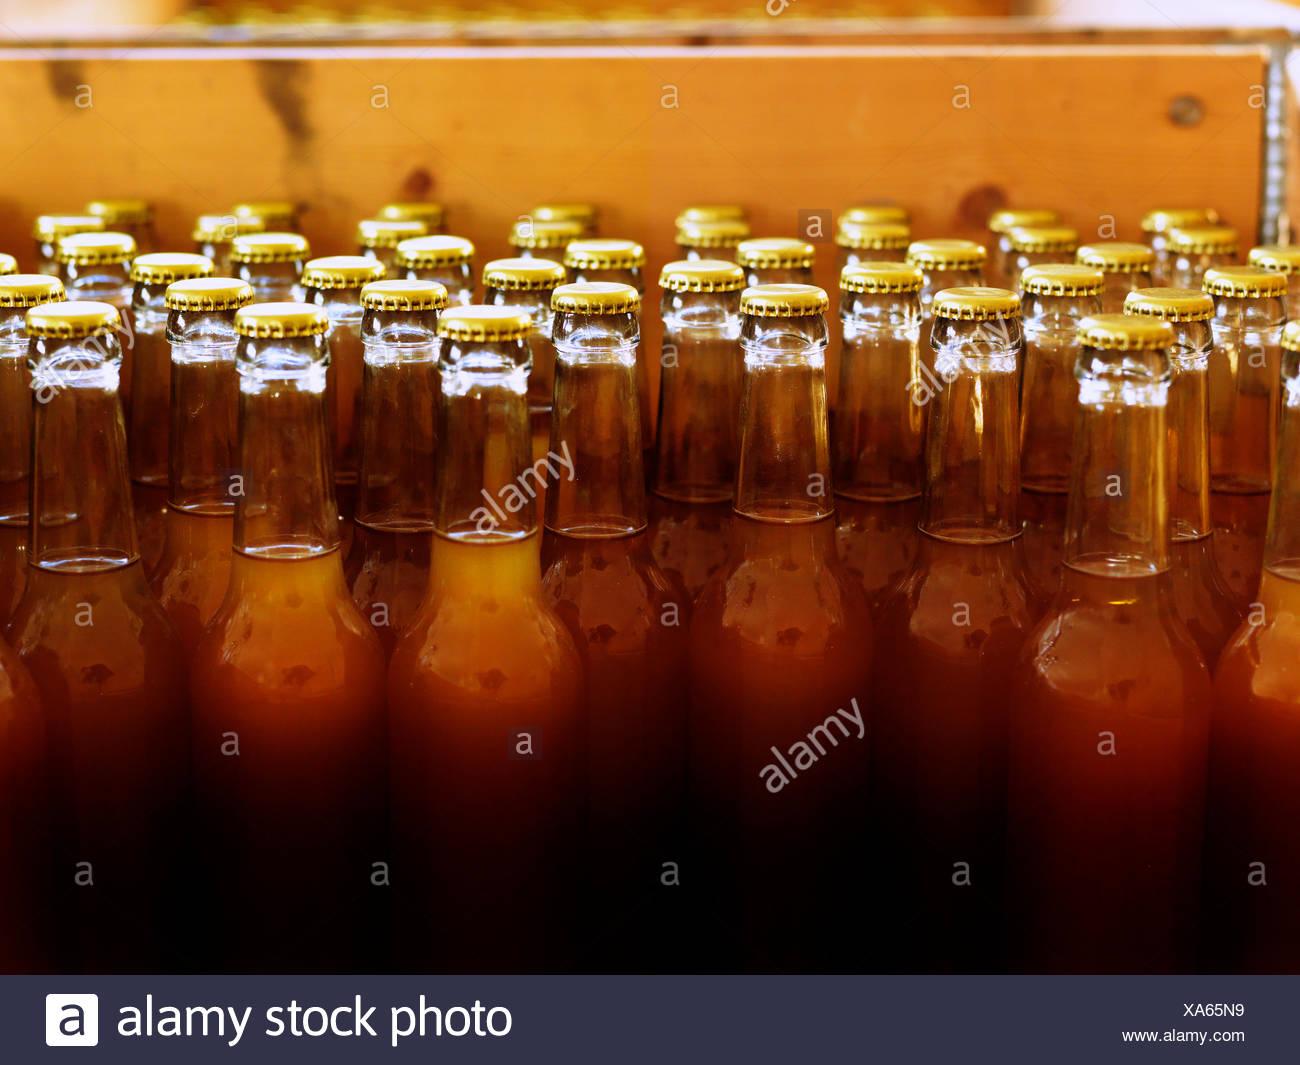 La Suède, avec des bouteilles non étiquetées et tops fermé rempli de lumière liquide brun foncé Photo Stock